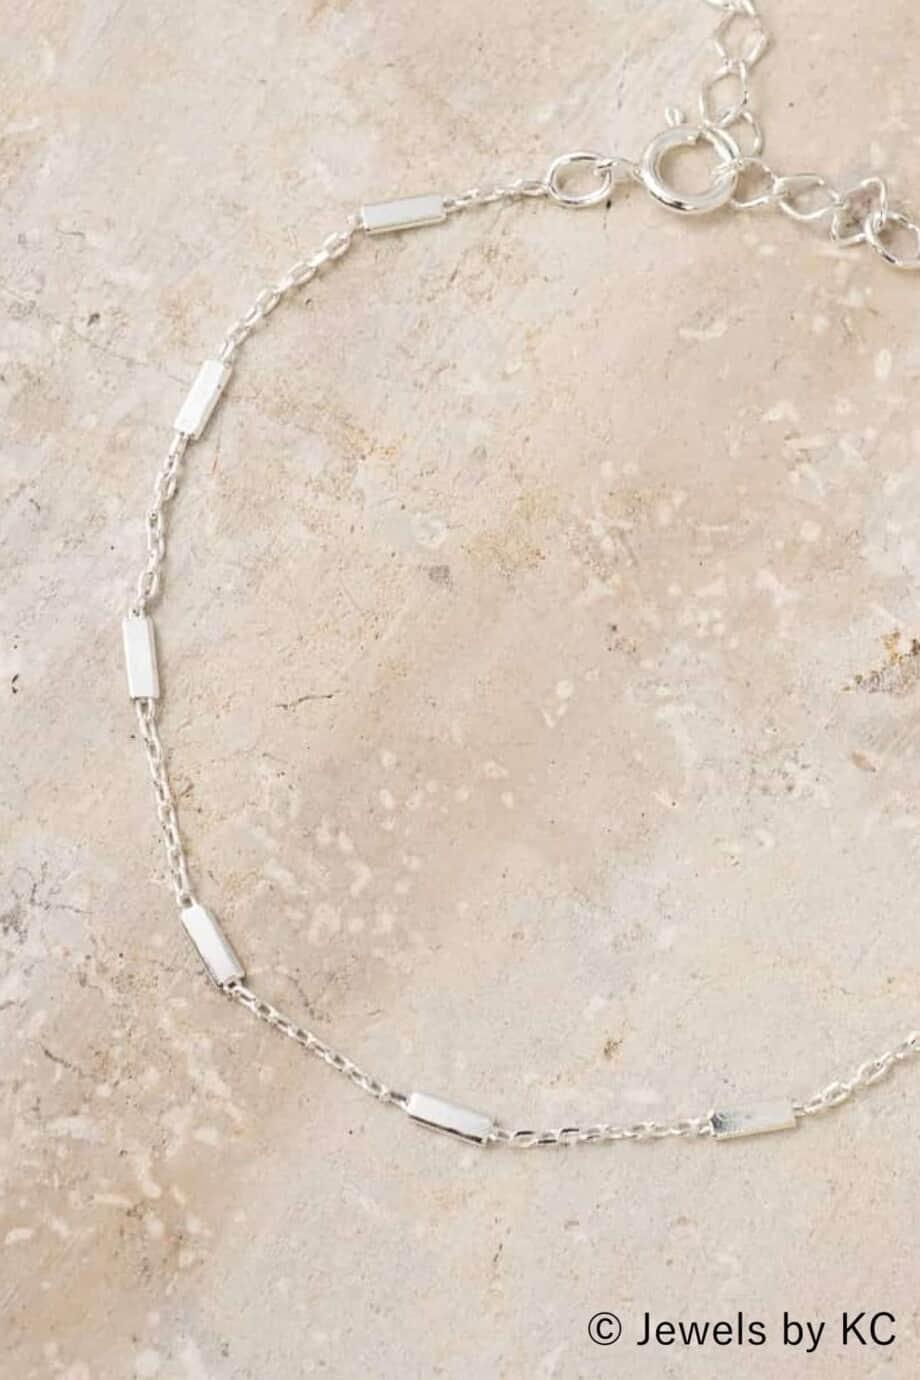 Fijne Zilveren armband 'Silver bars' van Sterling Zilver